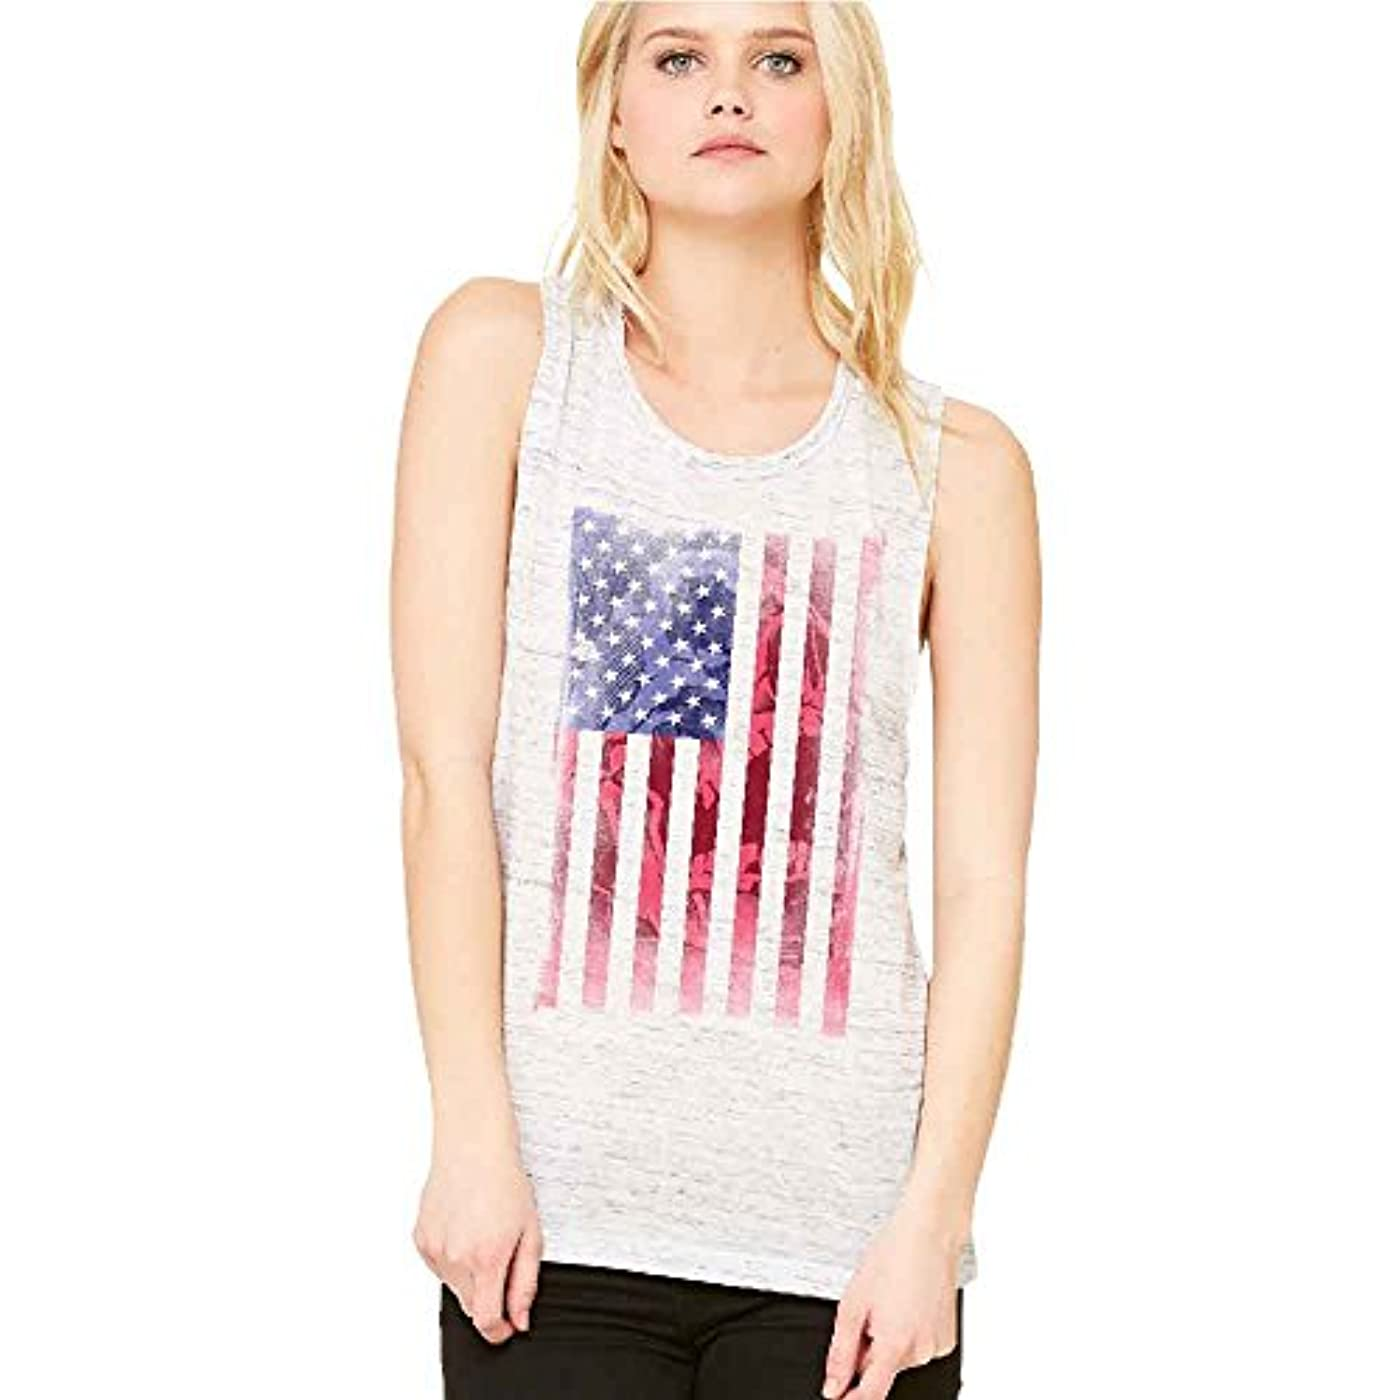 有毒なドーム非難する愛国アメリカ国旗スカルパターンレディースマッスルタンク4th of July Tee